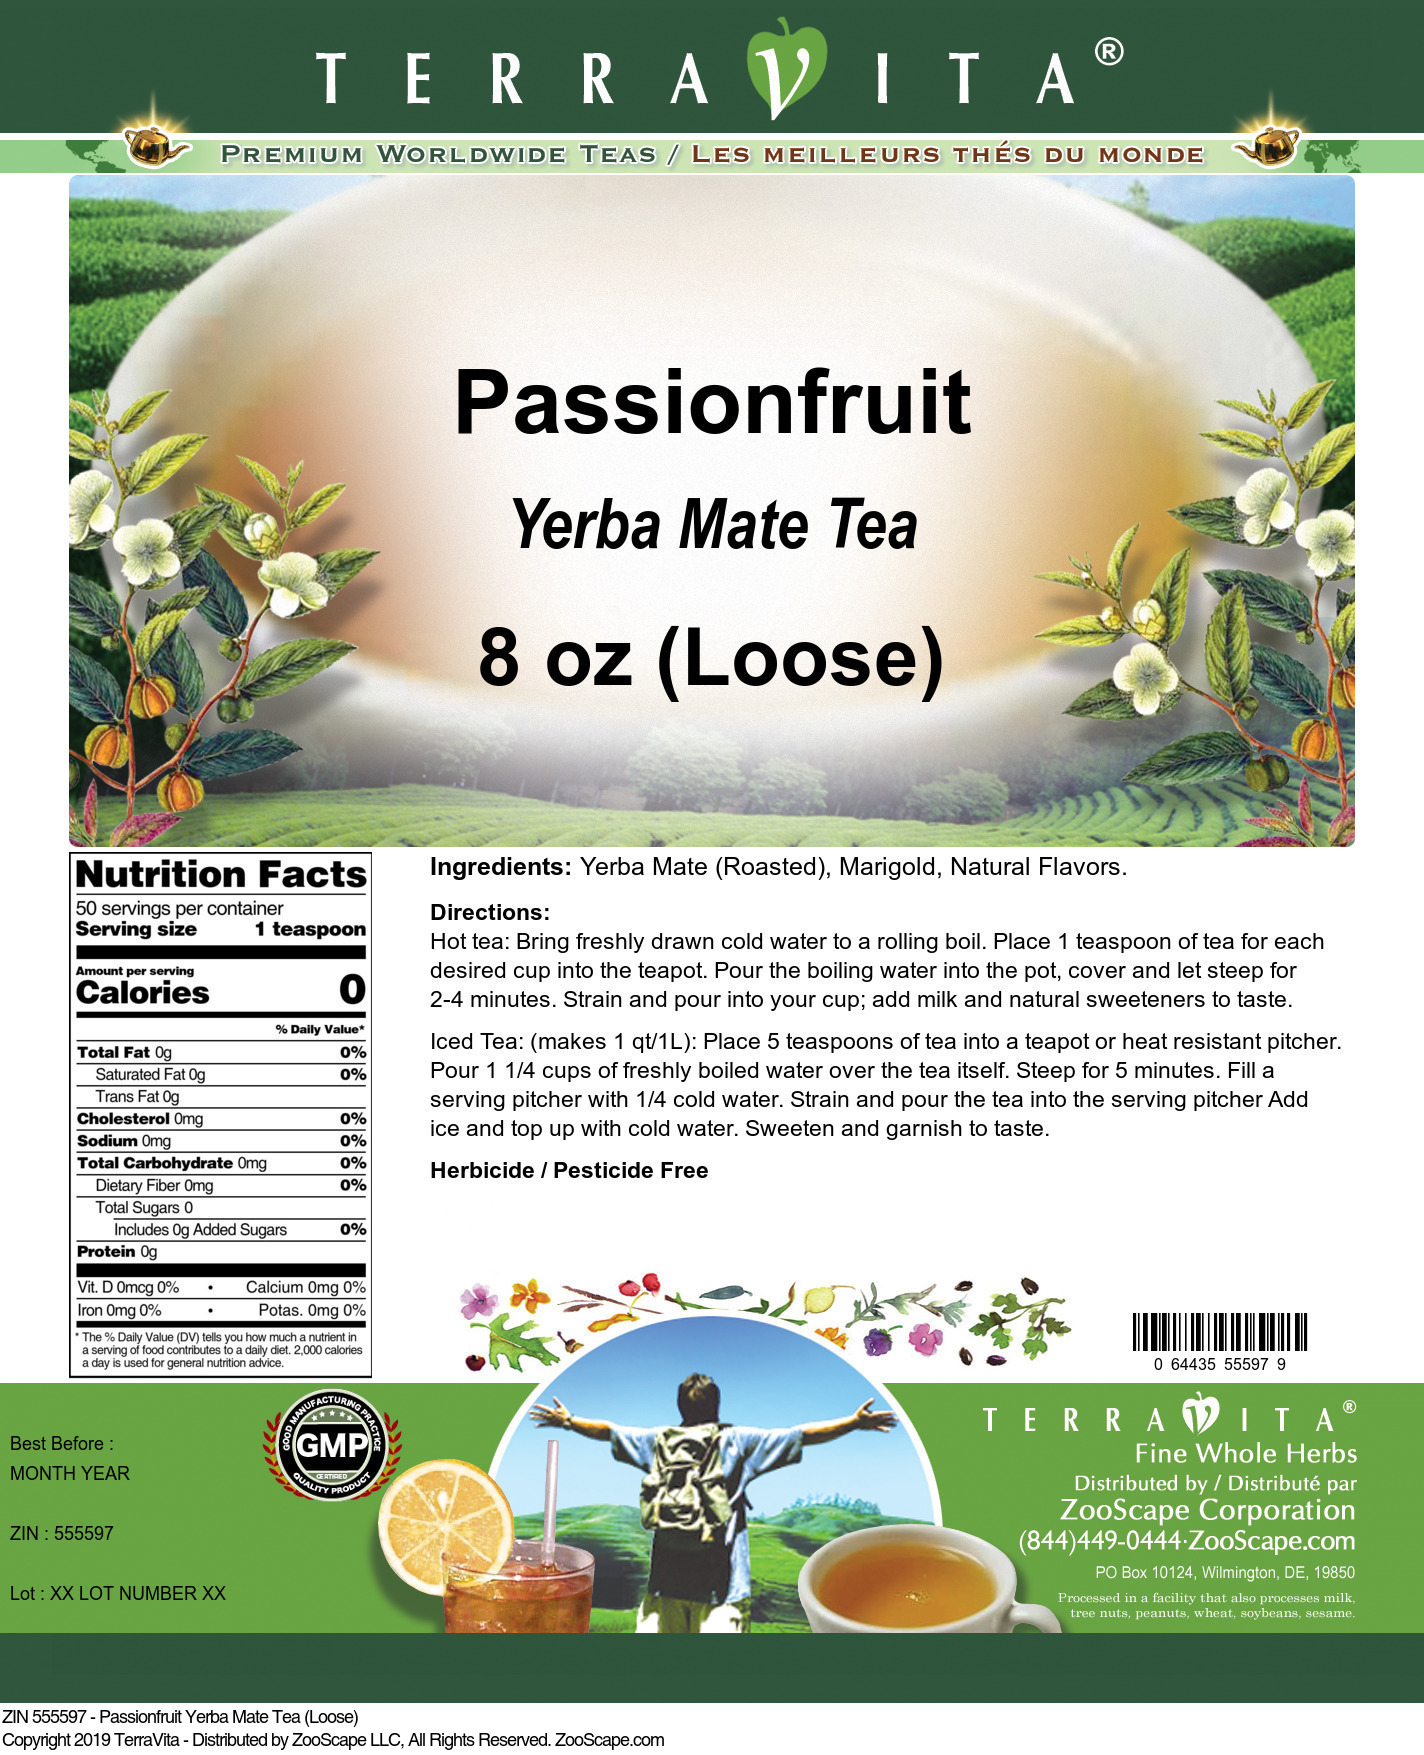 Passionfruit Yerba Mate